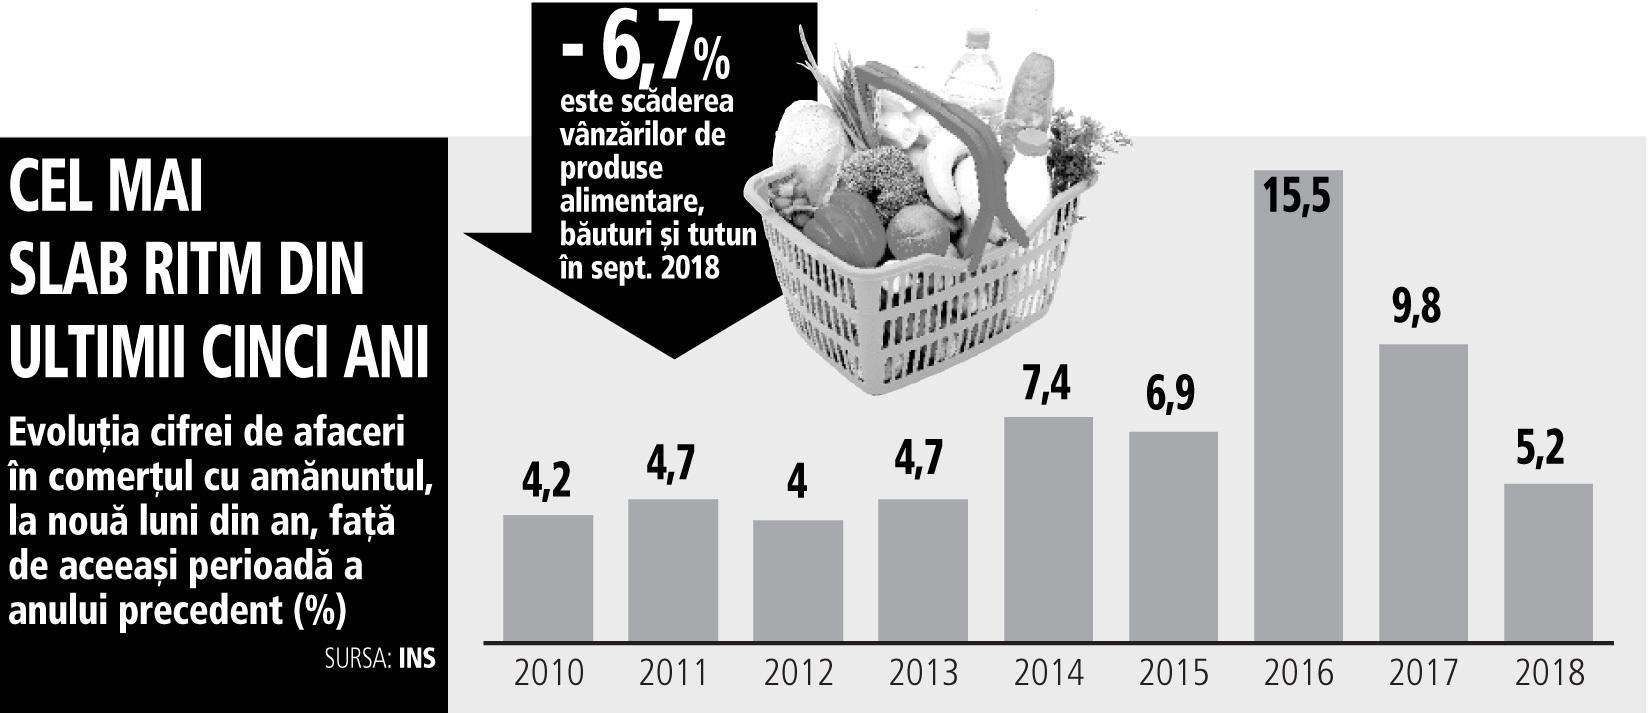 Consumul continuă să crească, dar avansul de 5,2% este cel mai mic din ultimii cinci ani